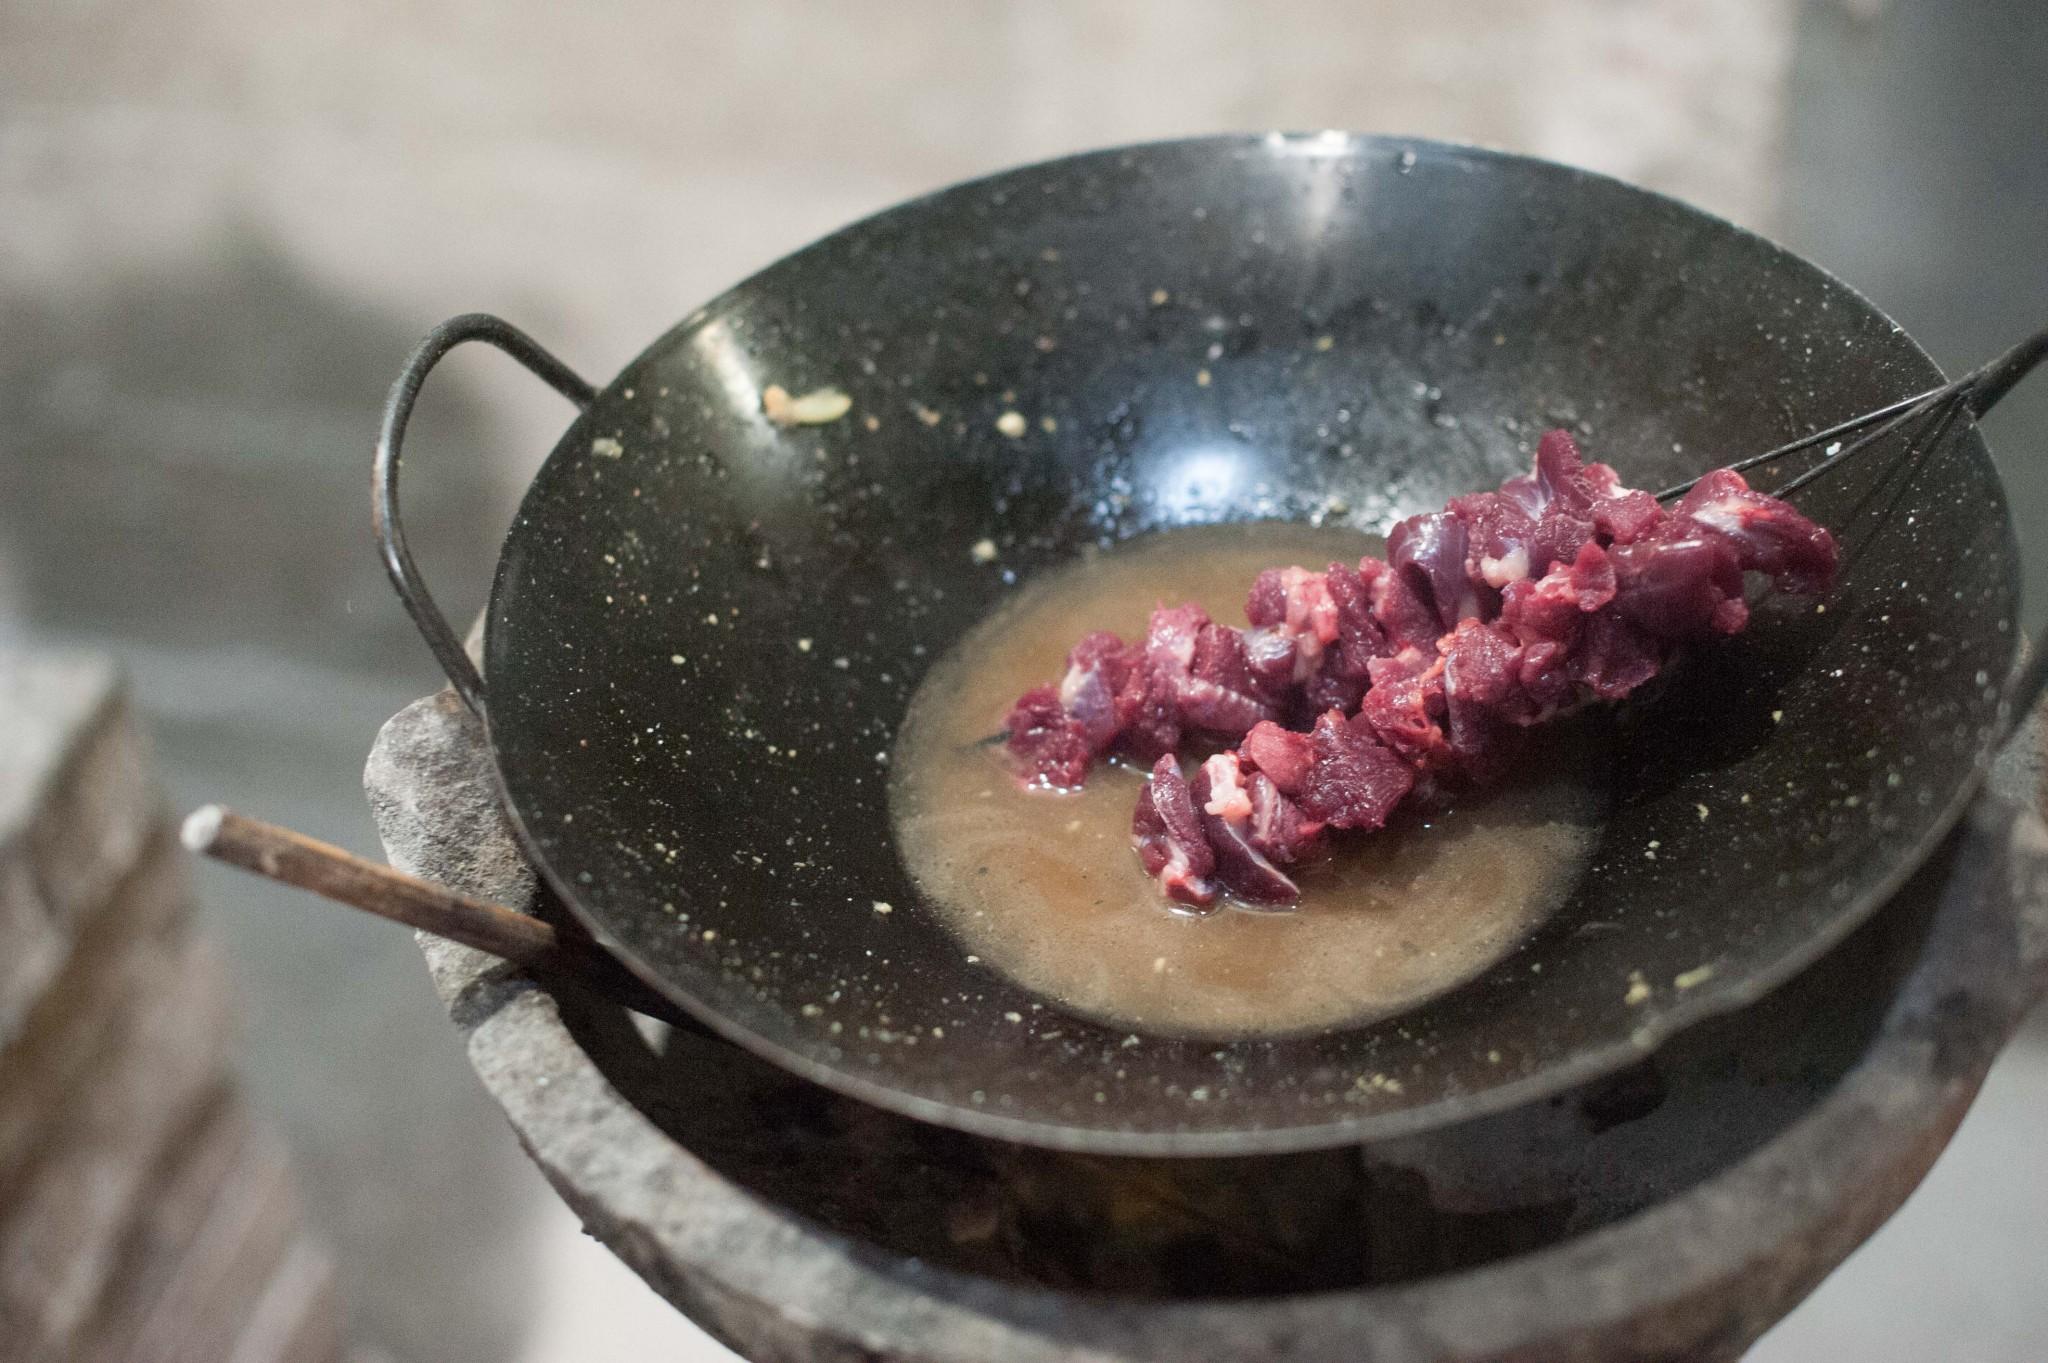 Rotes Fleisch, Kaum Fett: Hundebrust Spießchen, Her Noch Nicht Angebraten  (Foto